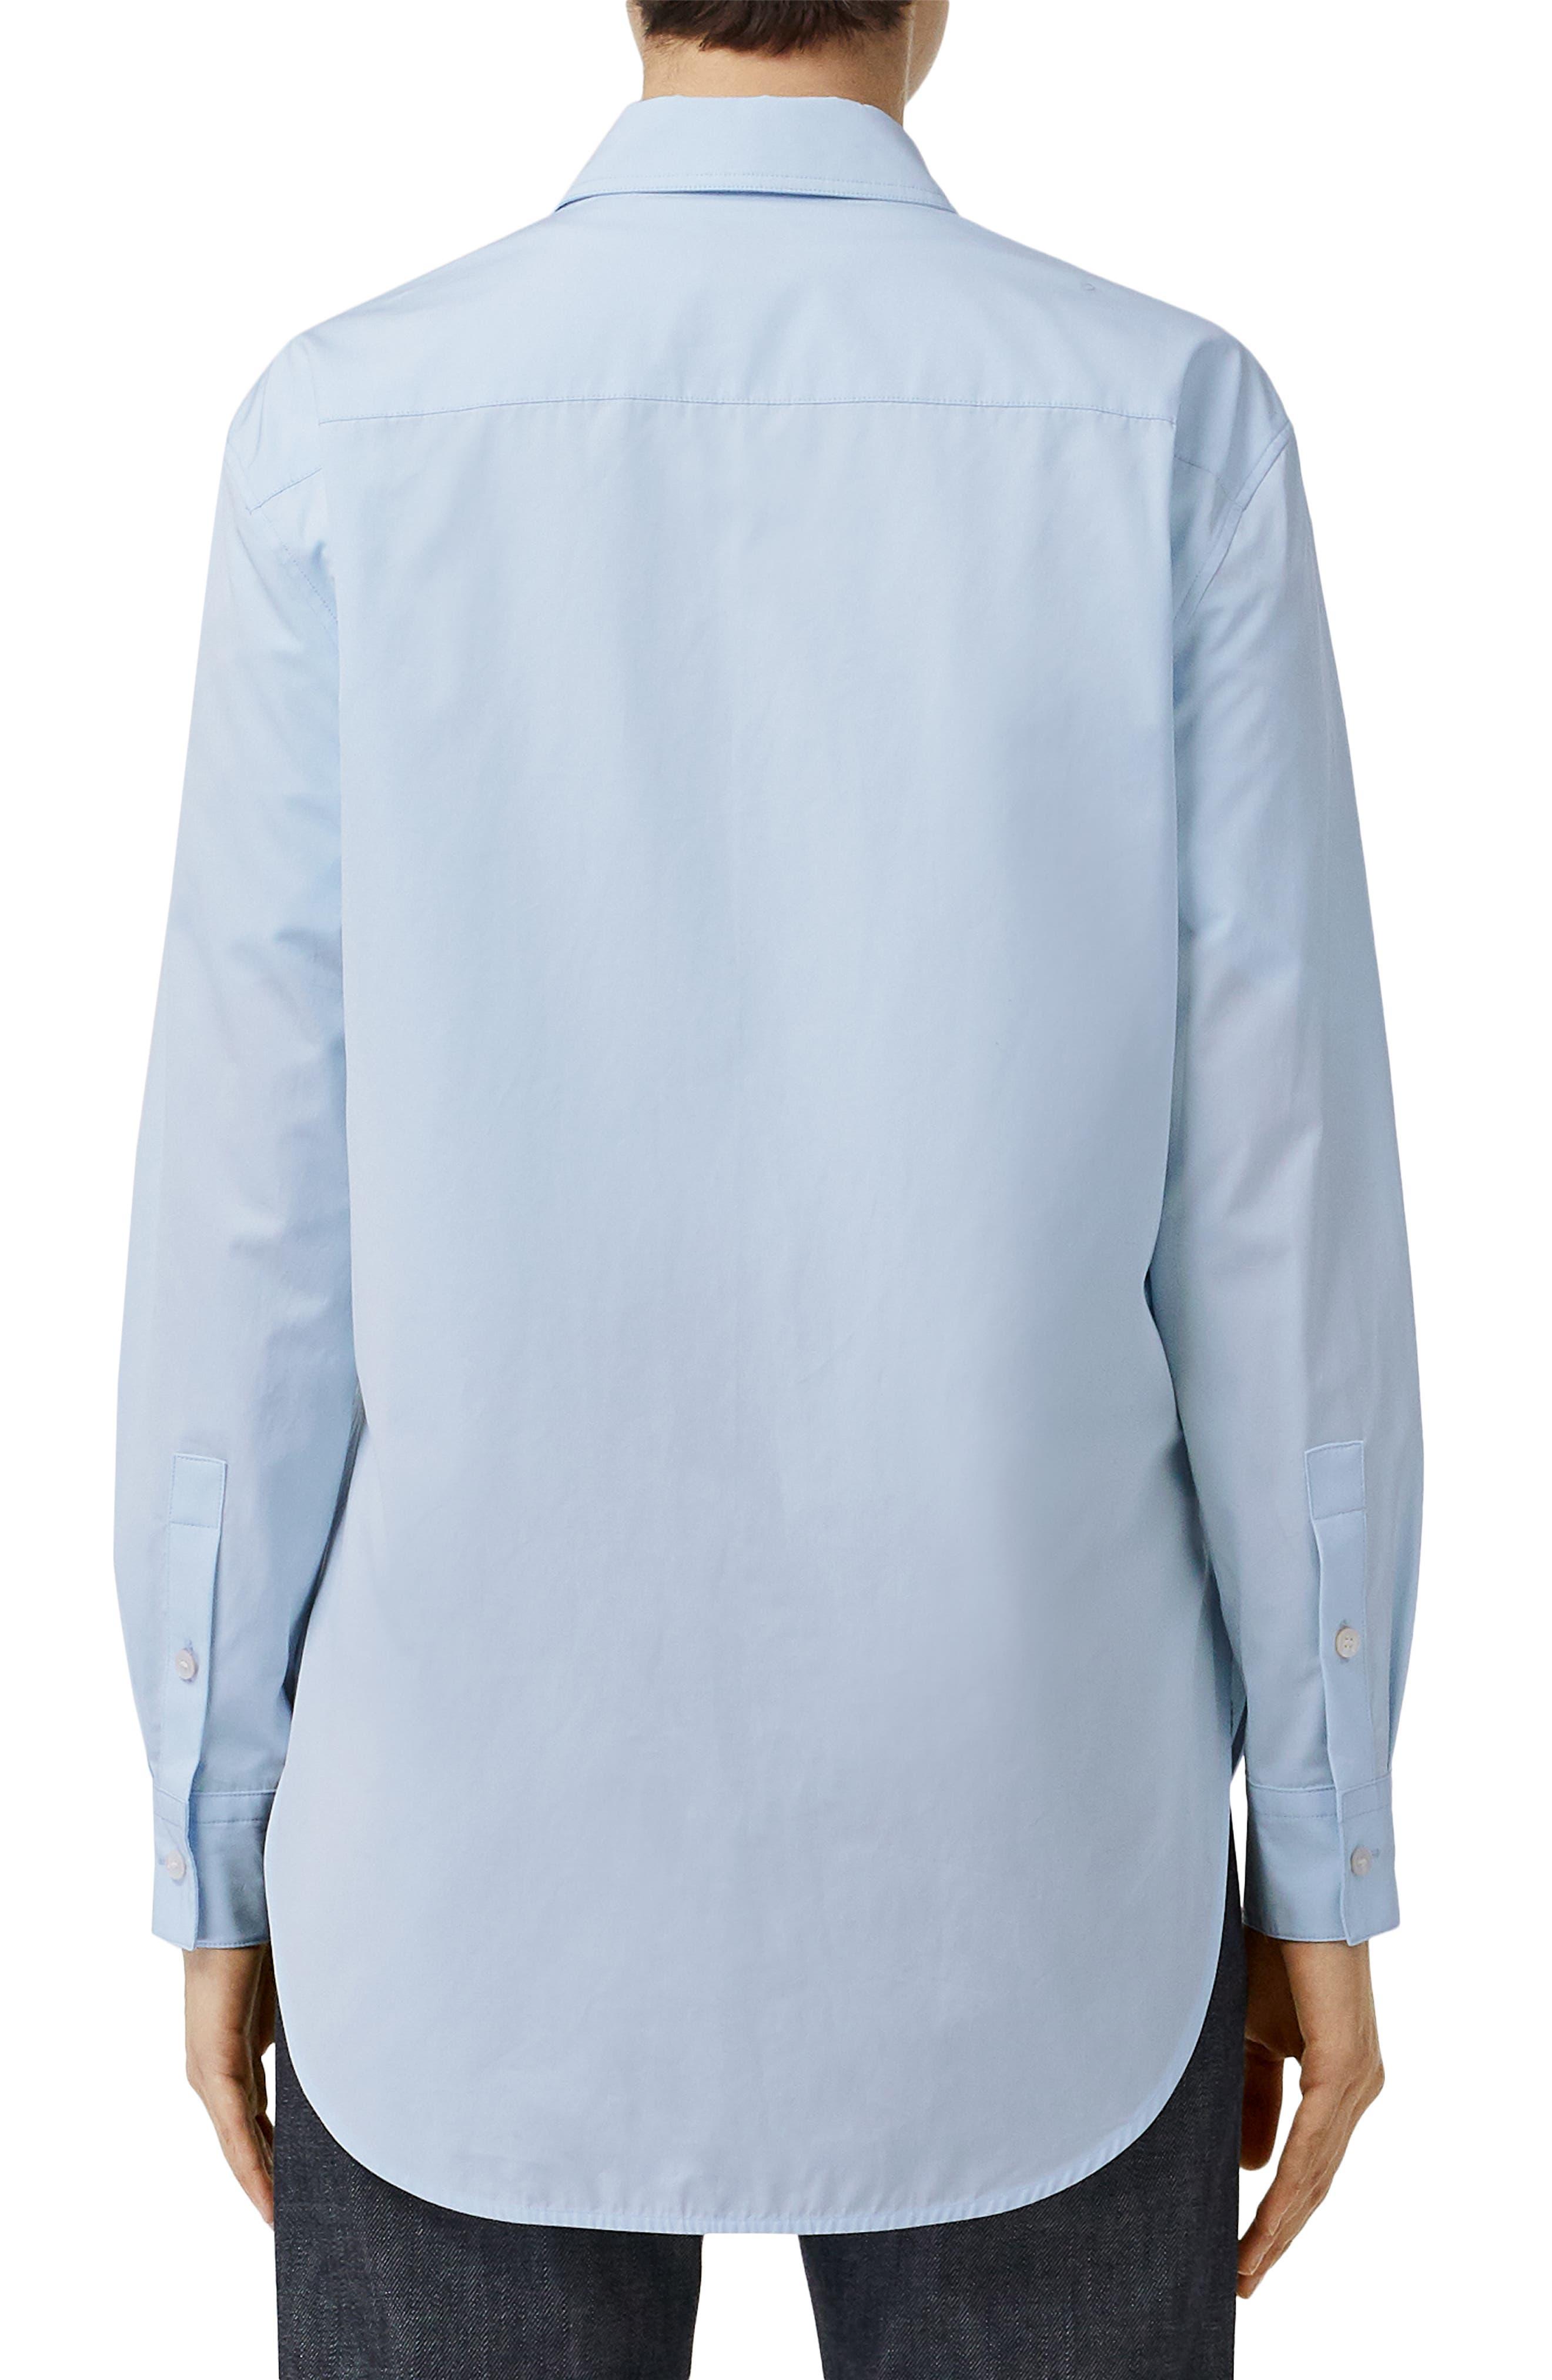 BURBERRY, Monogram Regular Fit Cotton Shirt, Alternate thumbnail 2, color, PALE BLUE